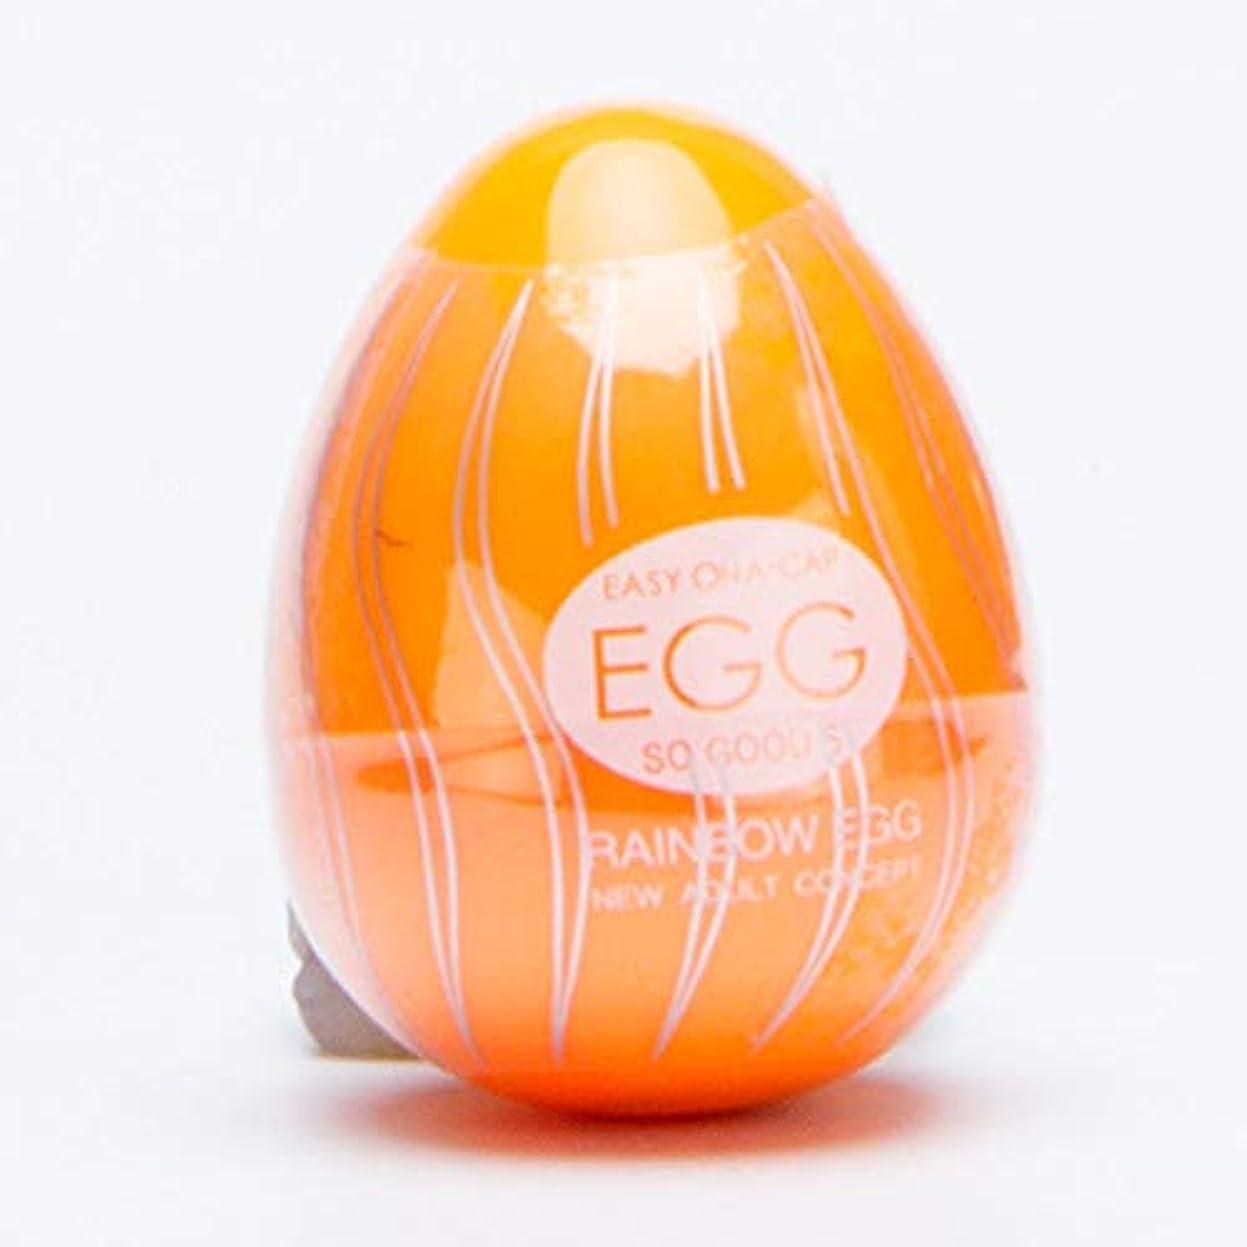 出口仮定する呼びかけるRabugoo 大人のおもちゃ 男性の性のおもちゃの陰茎のマッサージャーの喜びのセックスレインボーエッグ オレンジ